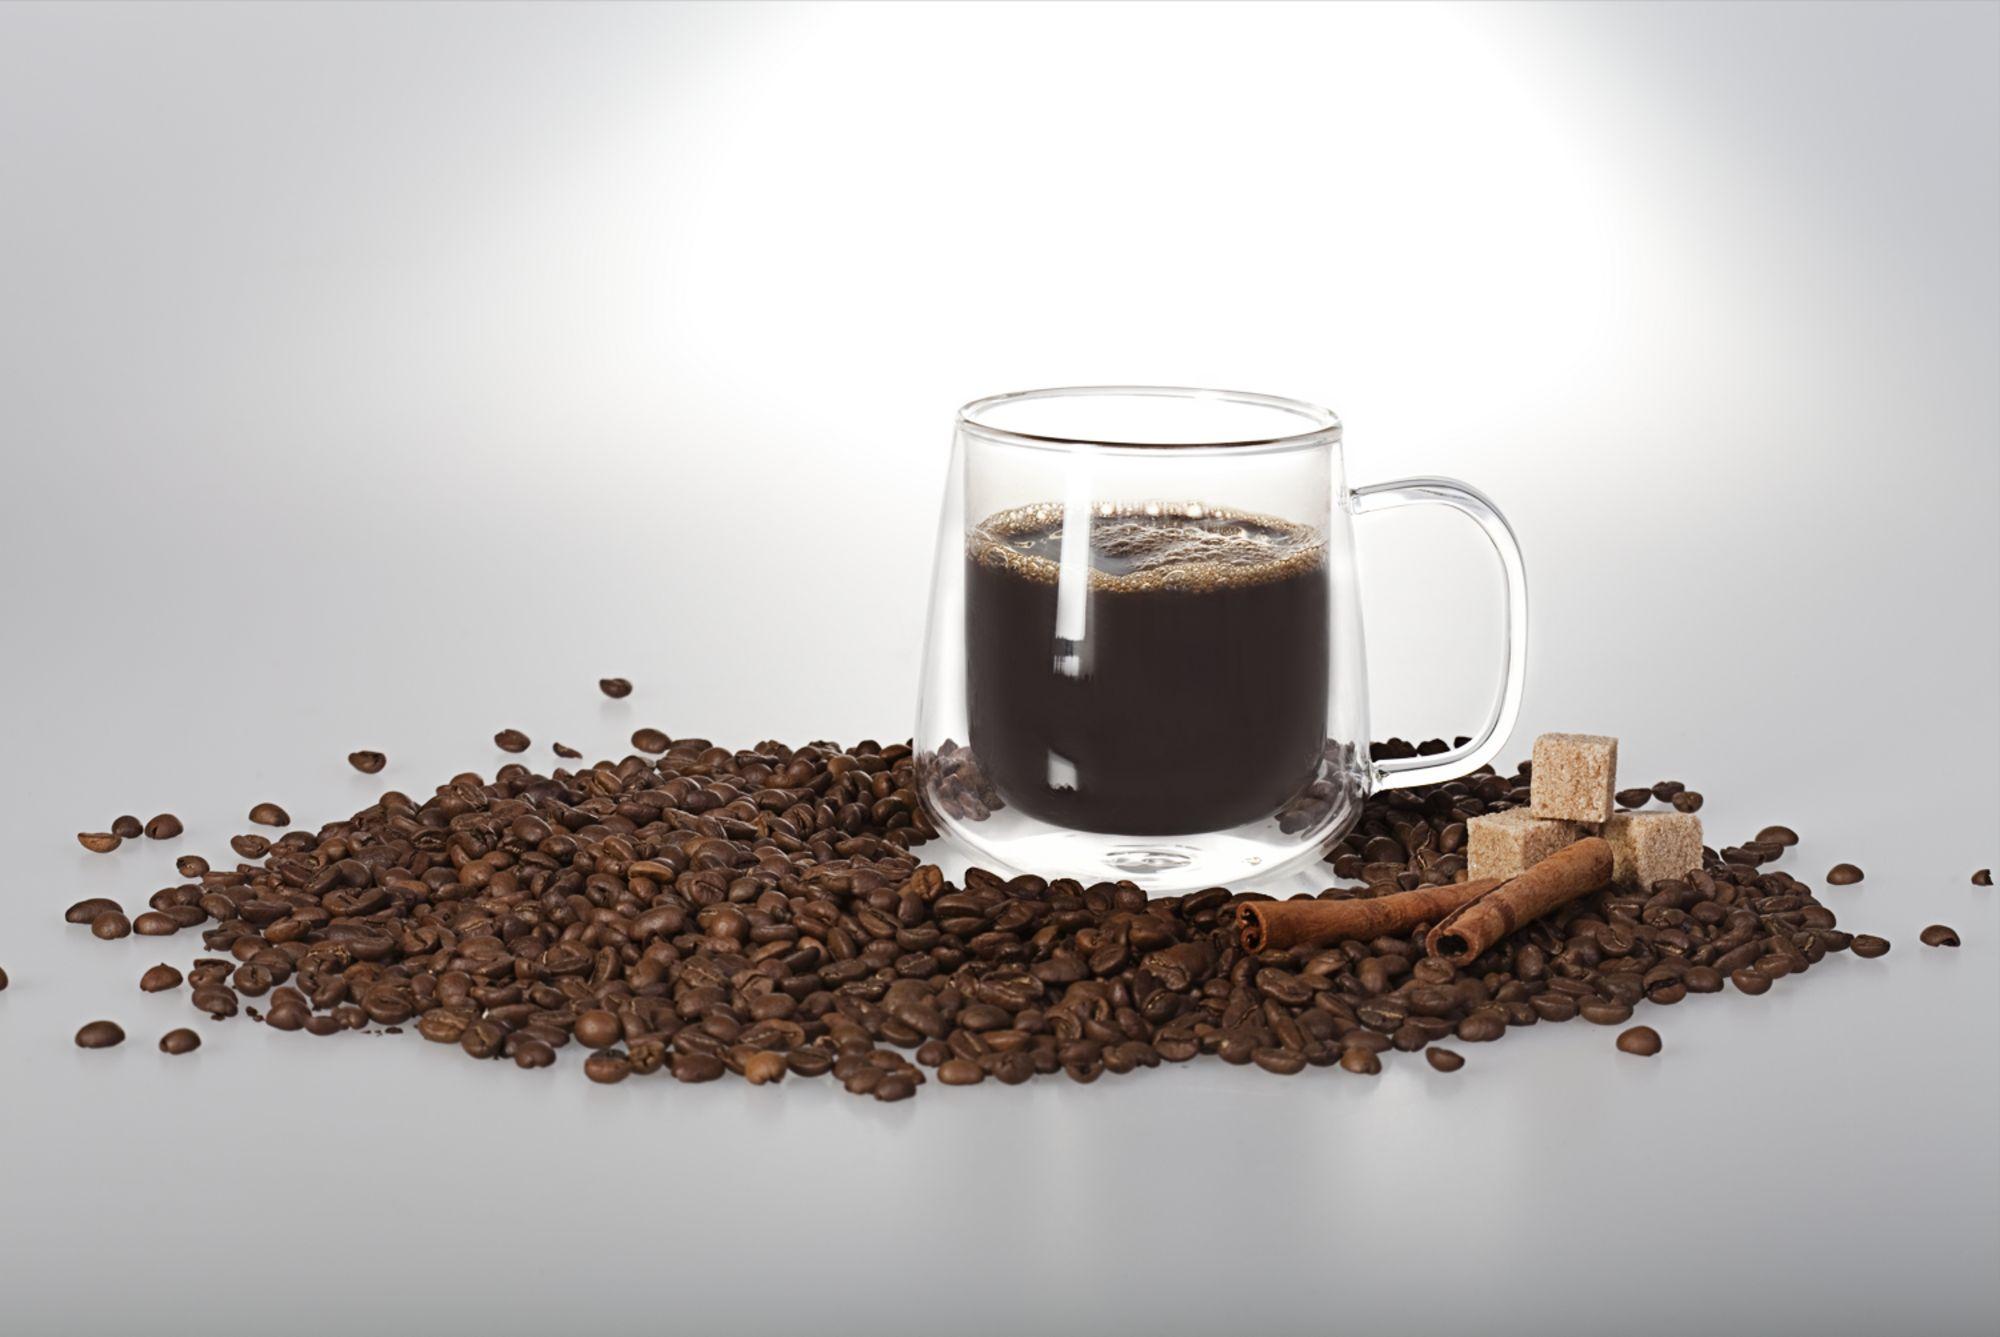 Фото кружки с кофе